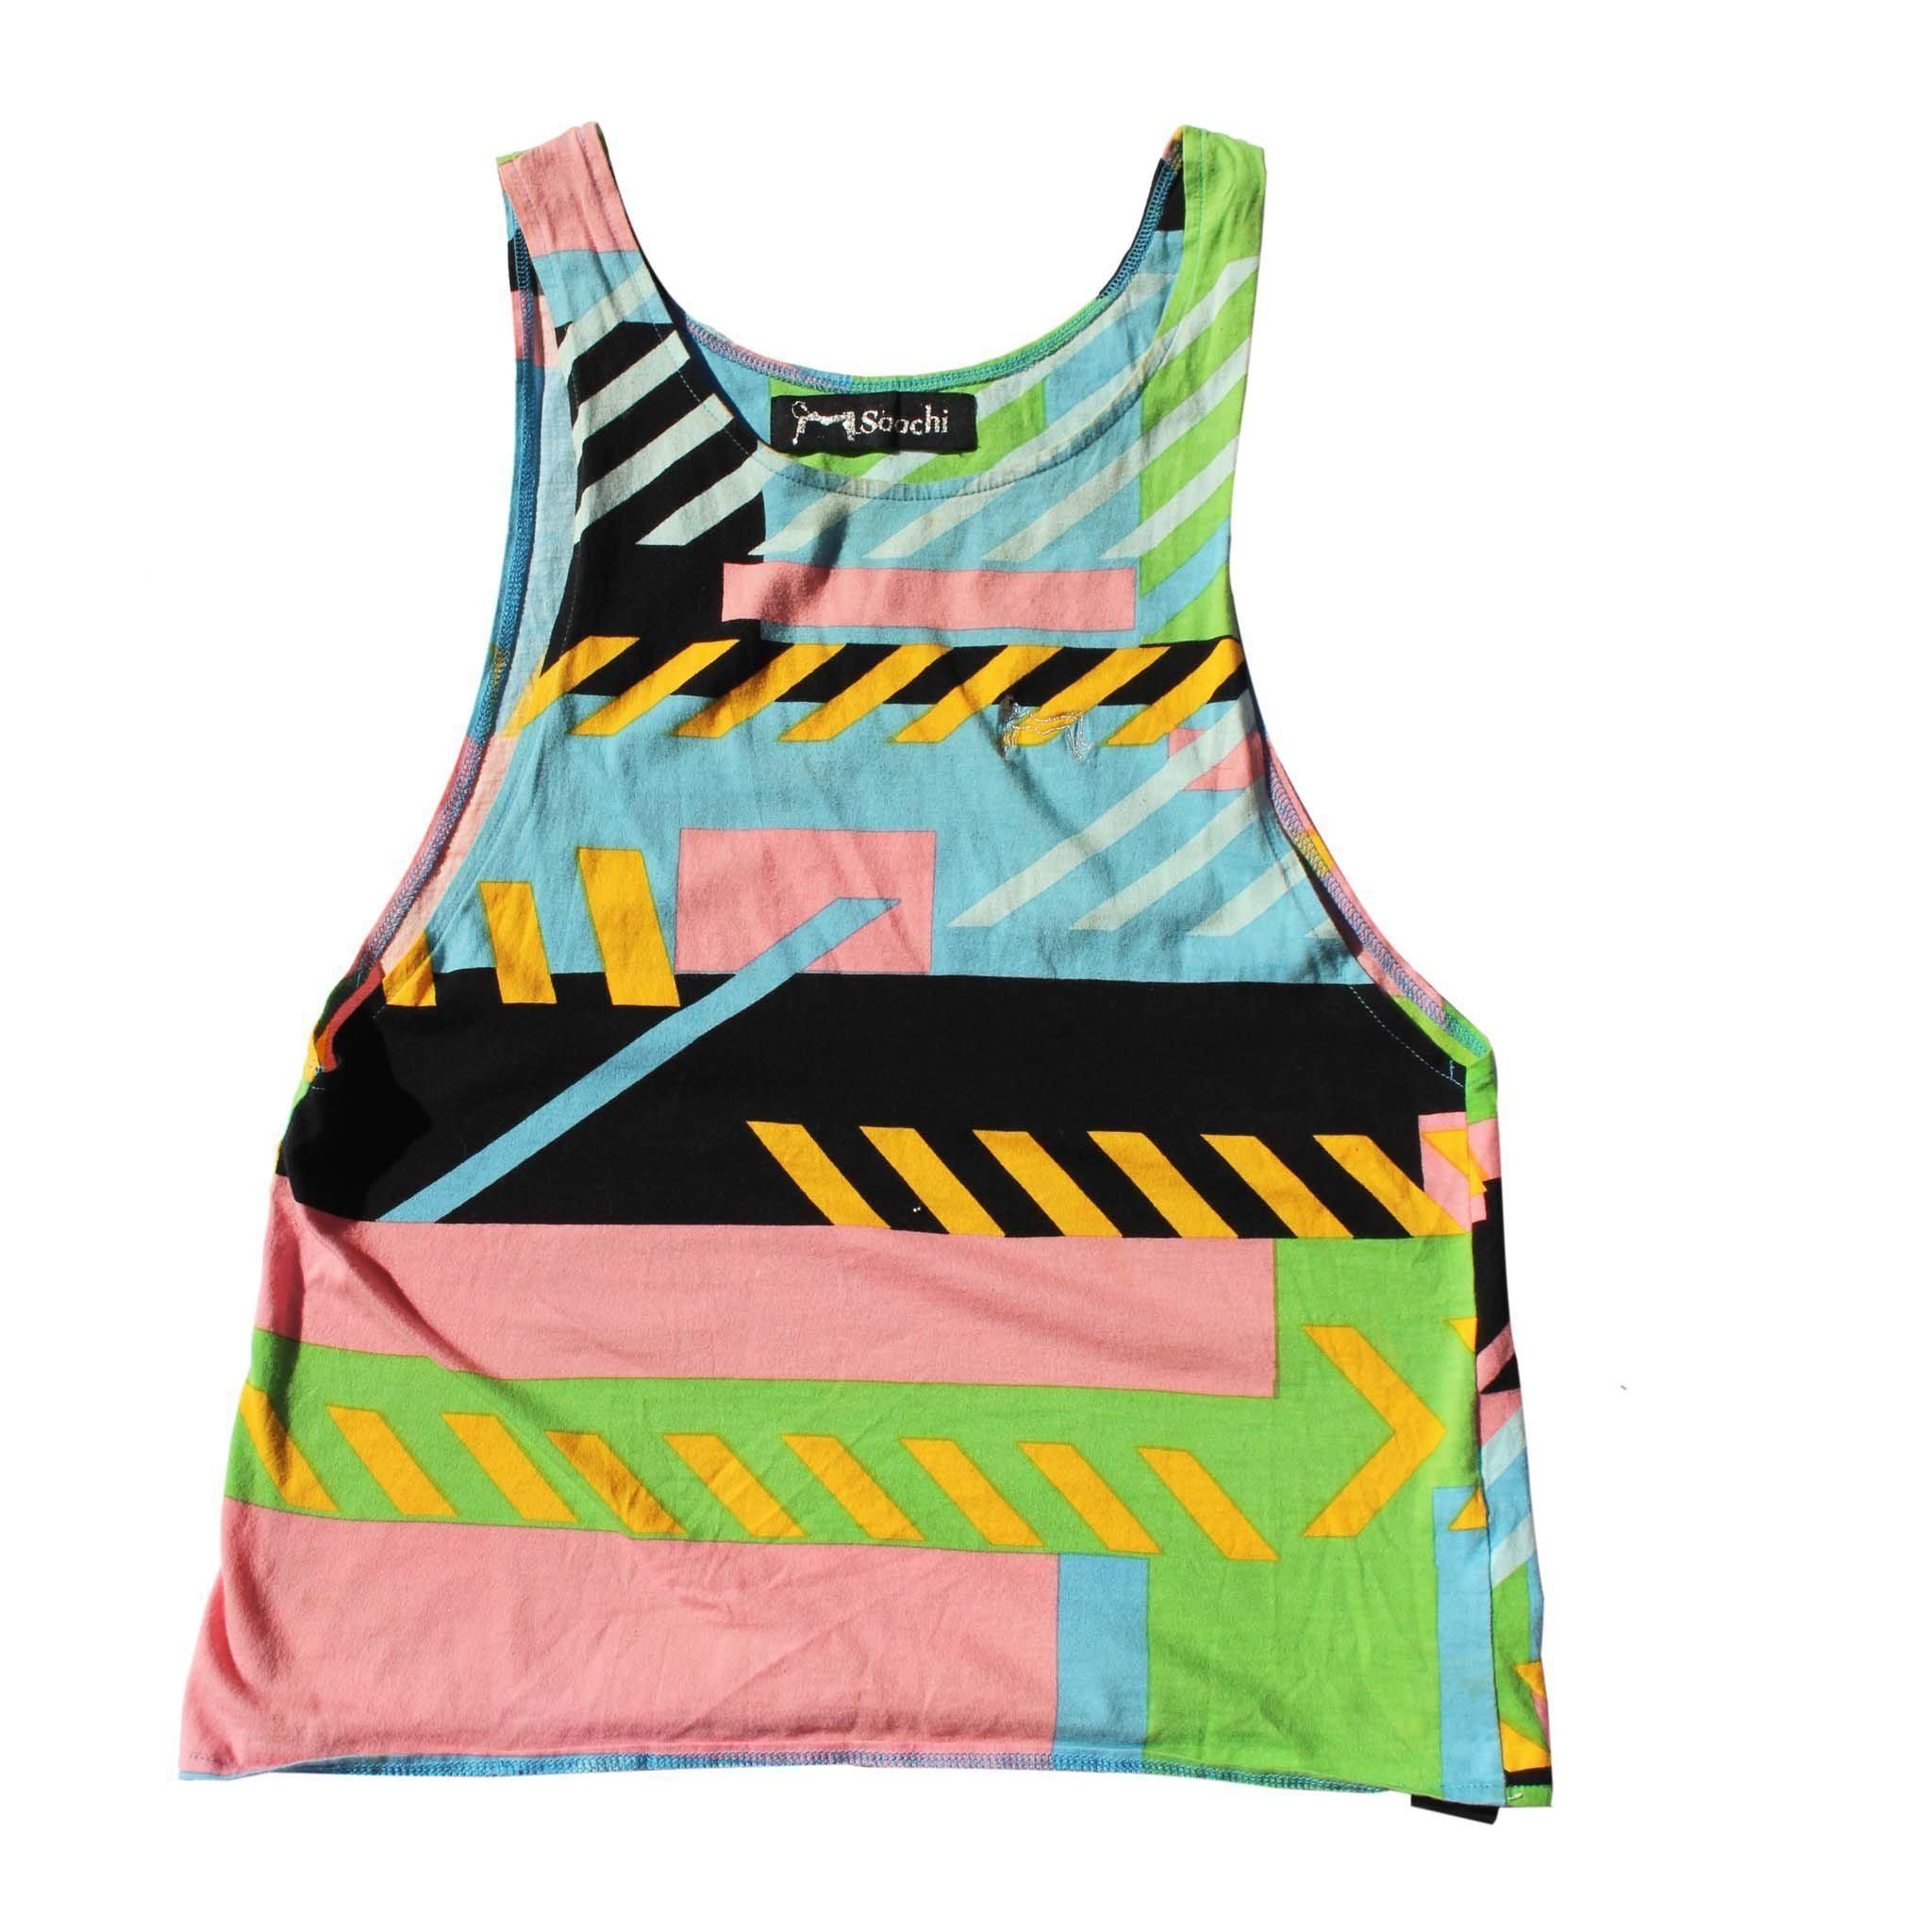 80s geometric neon pattern tank top by saachi in 2020